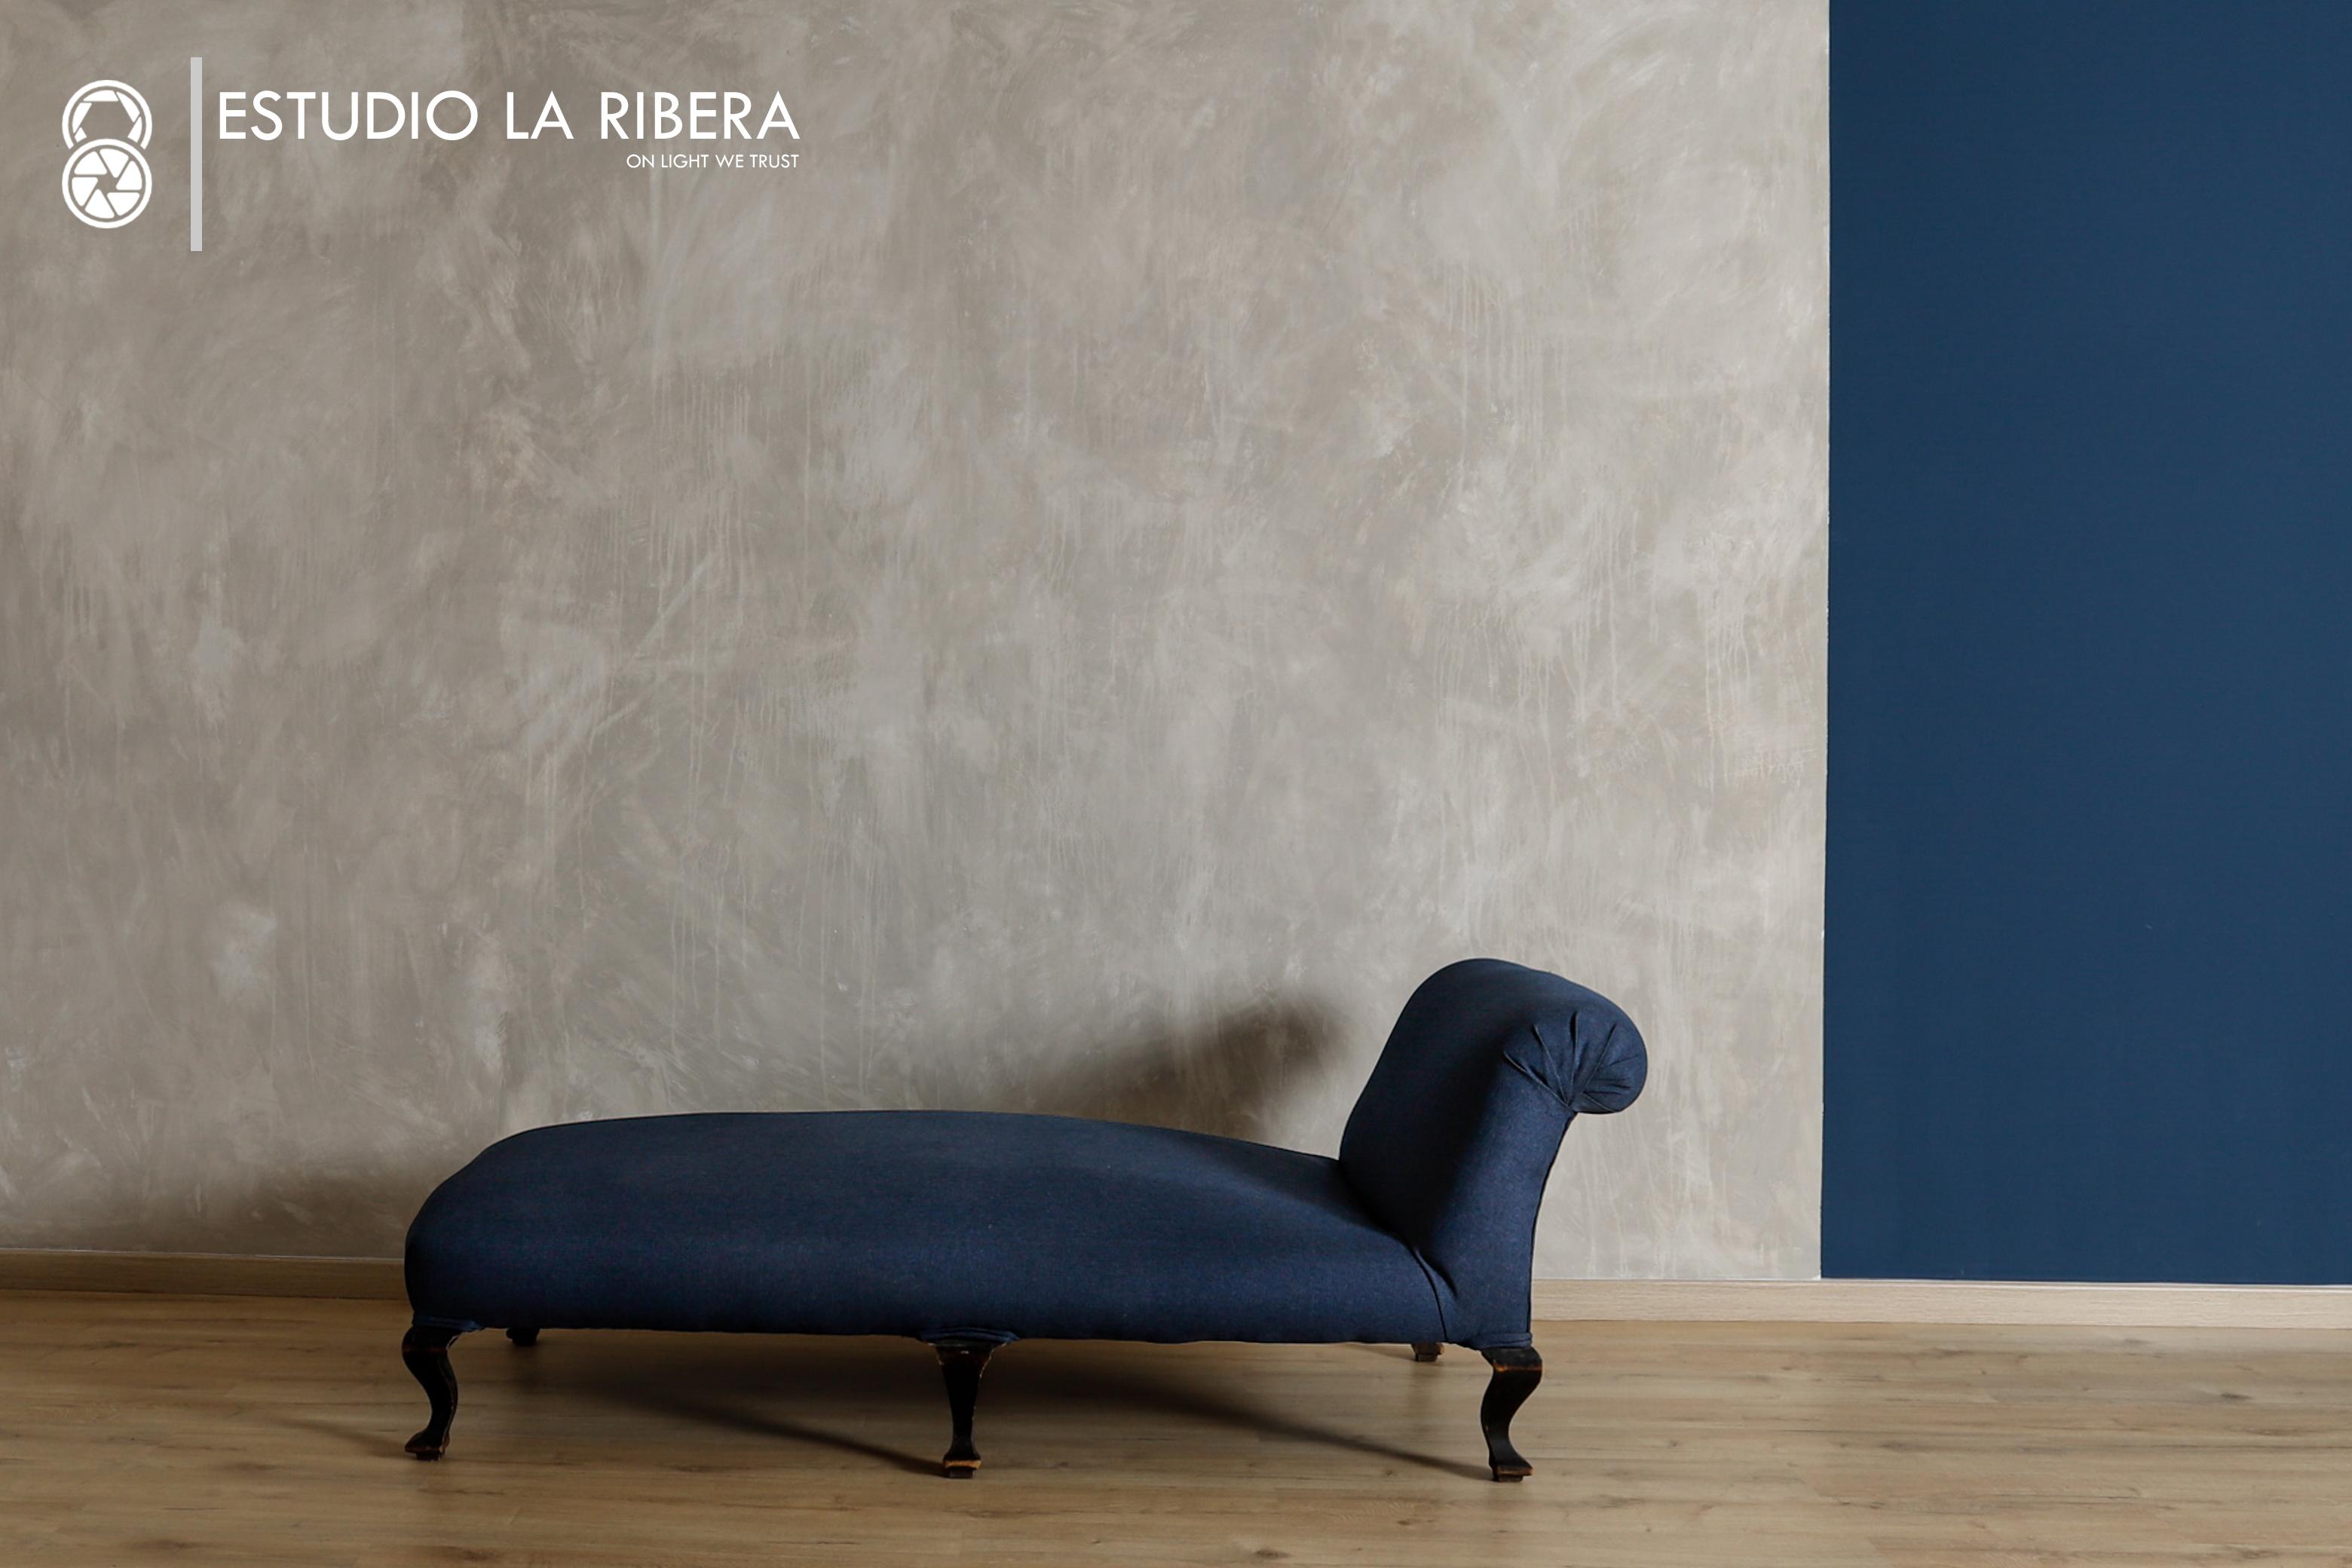 estudio_la_ribera_07